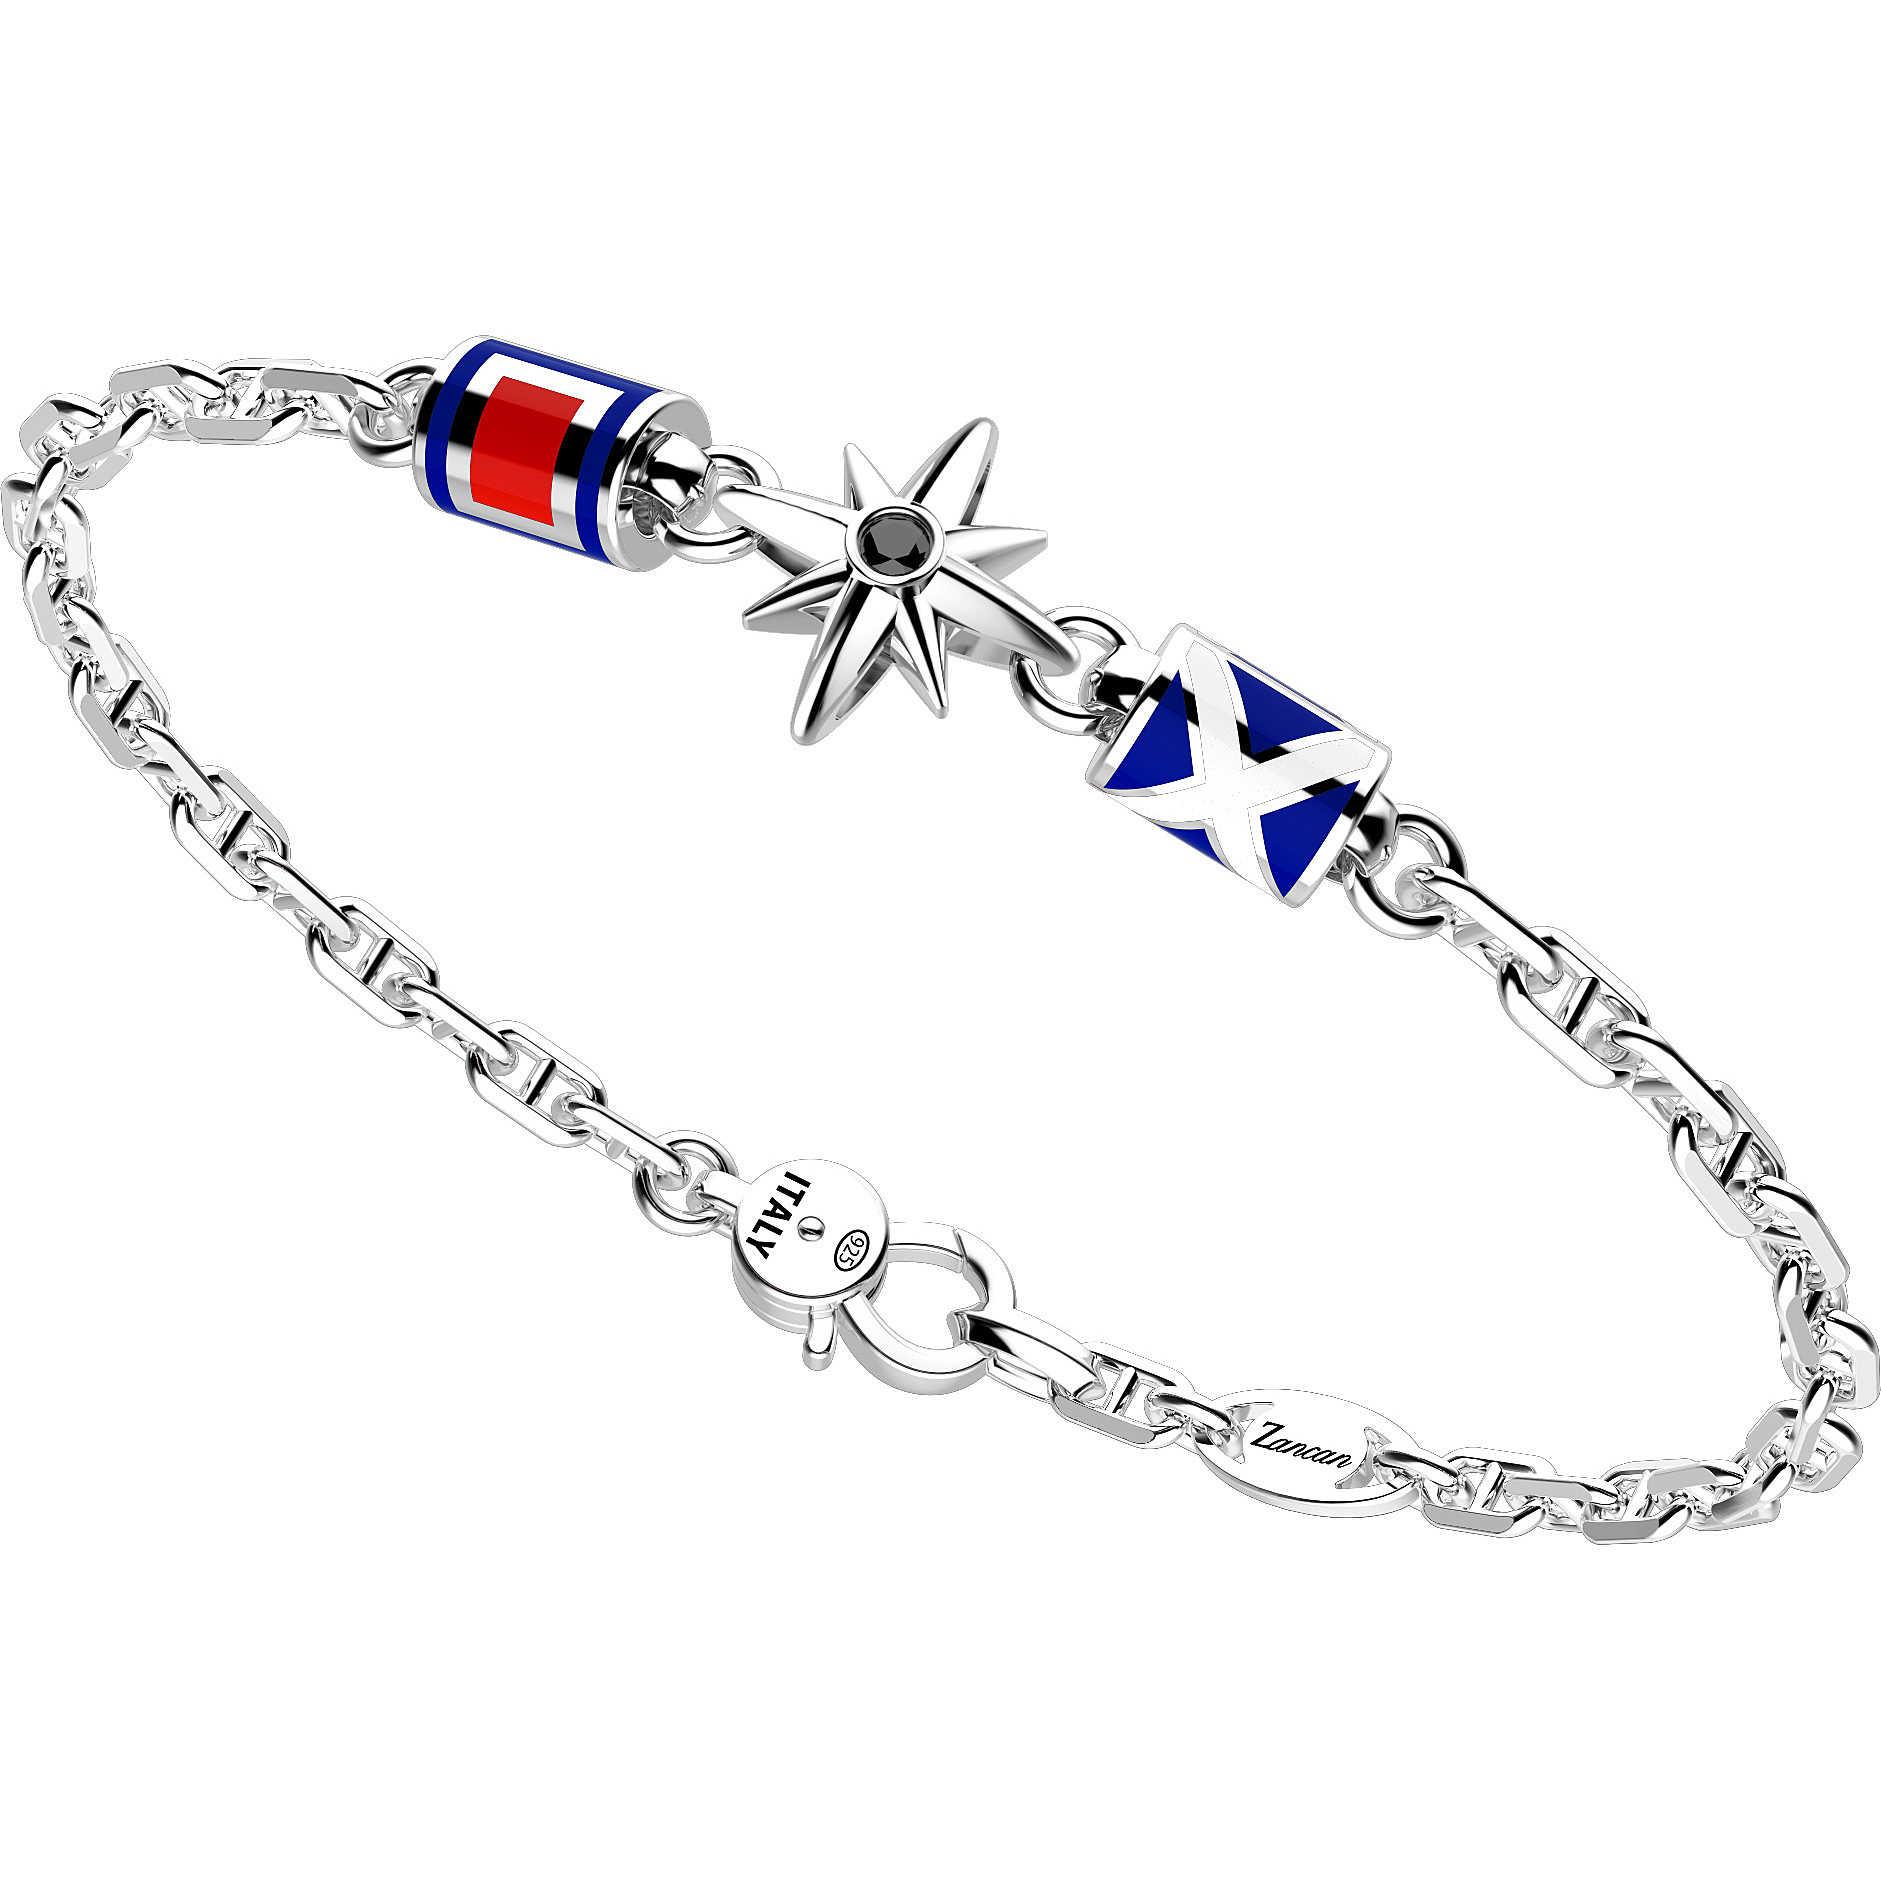 5c6e0ea618eed4 bracciale uomo gioielli Zancan Regata EXB678 bracciali Zancan